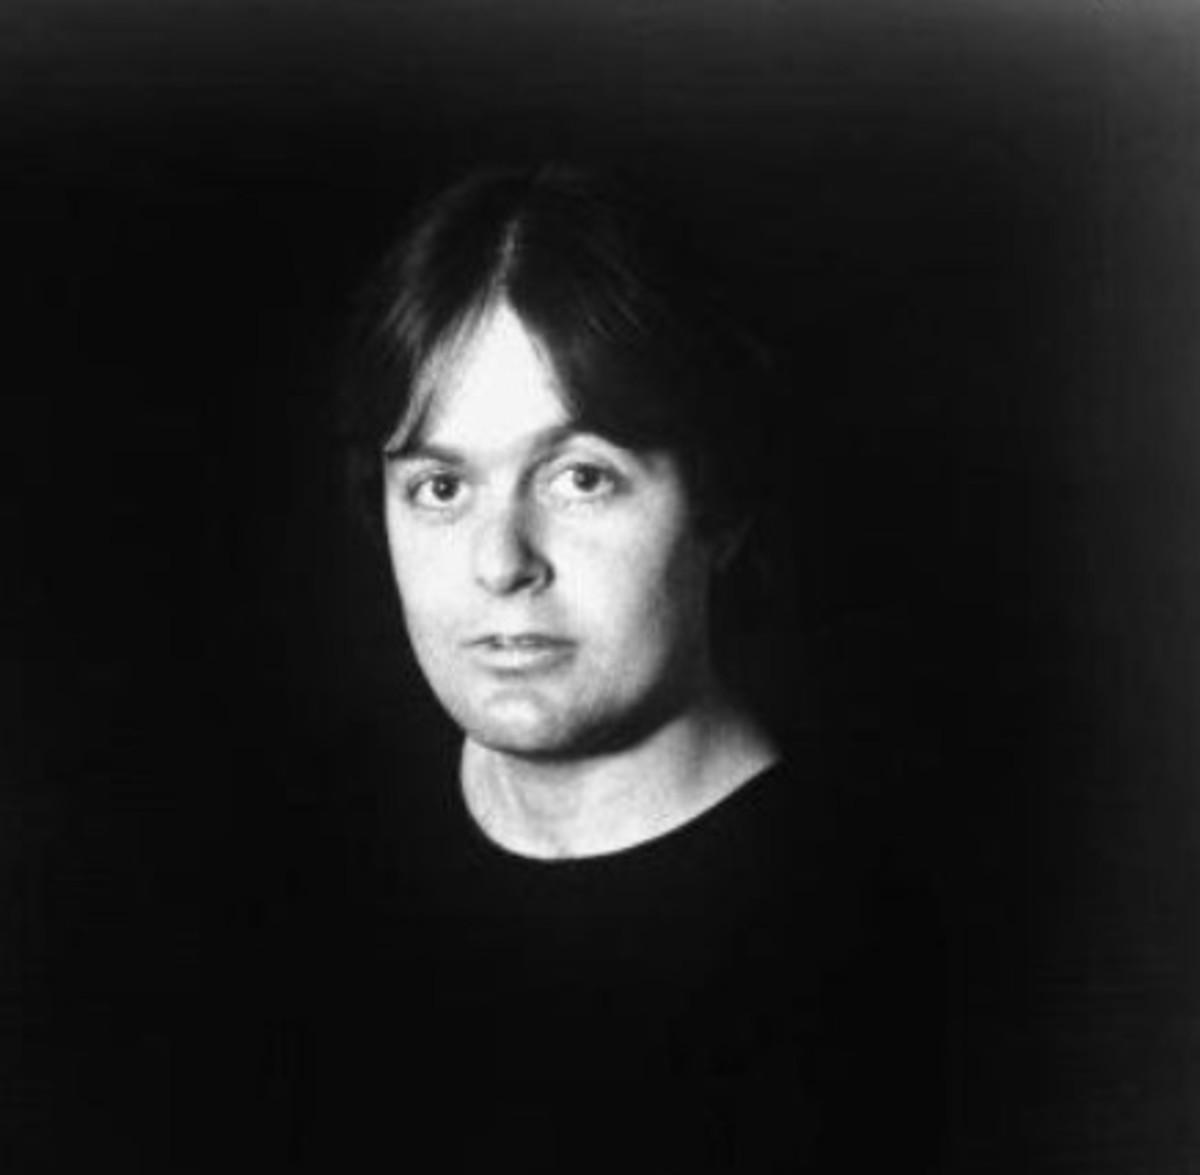 1977 promotional photo